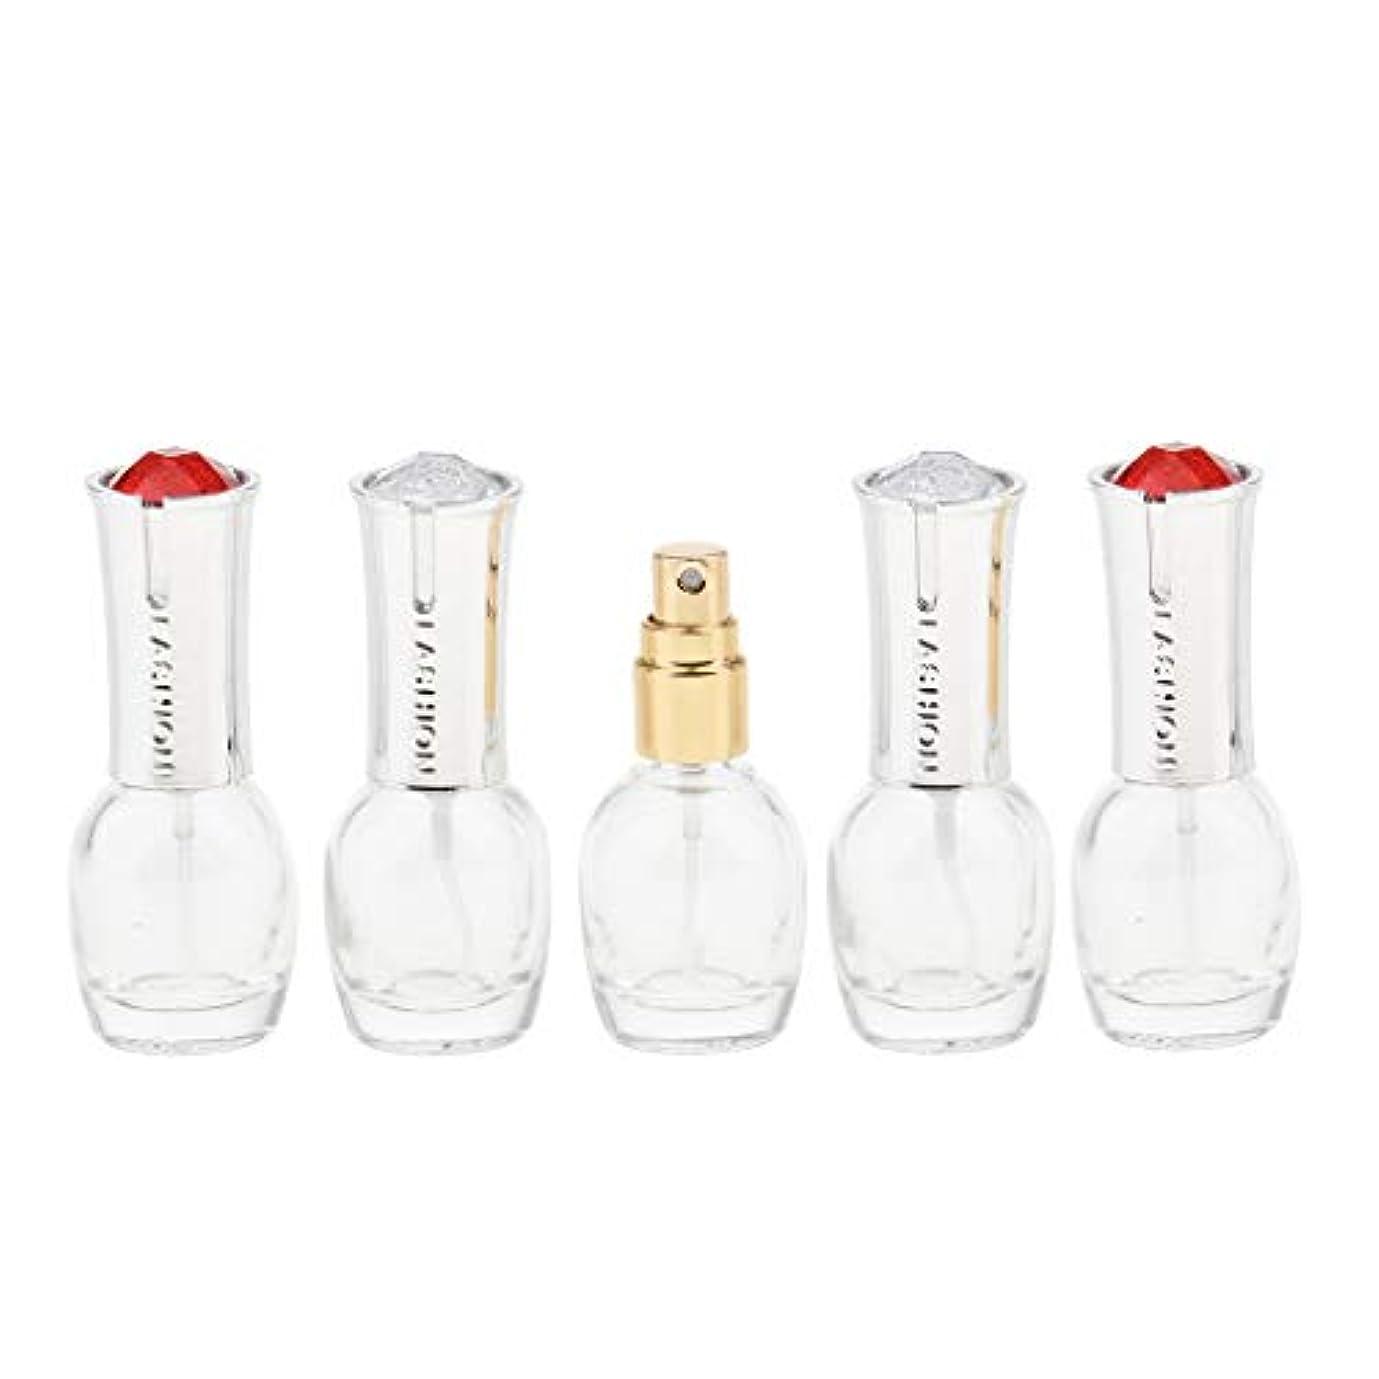 キャンセル処方するフェデレーション5個 ガラス ボトル 10ml エッセンシャル オイル 香水 アトマイザー スプレーボトル 旅行